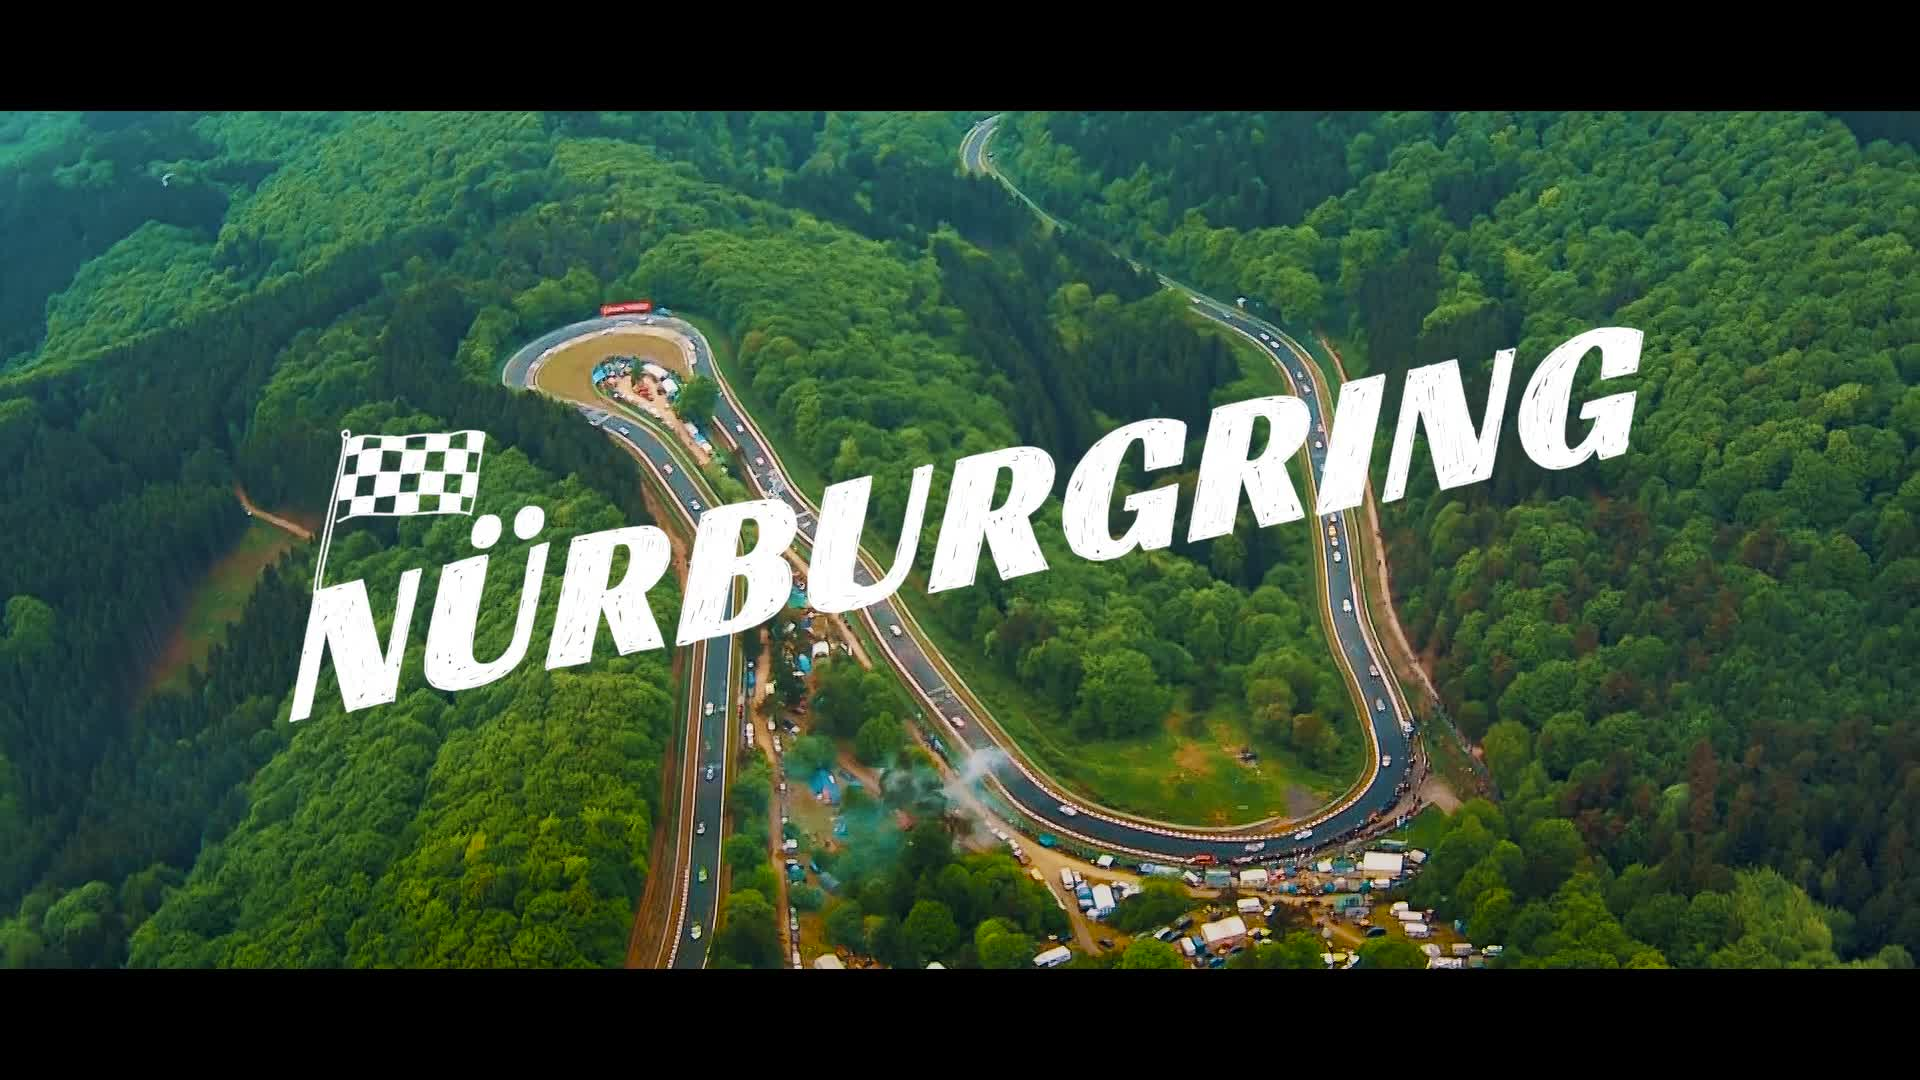 Nürburgring - Roman Rose in the fast lane